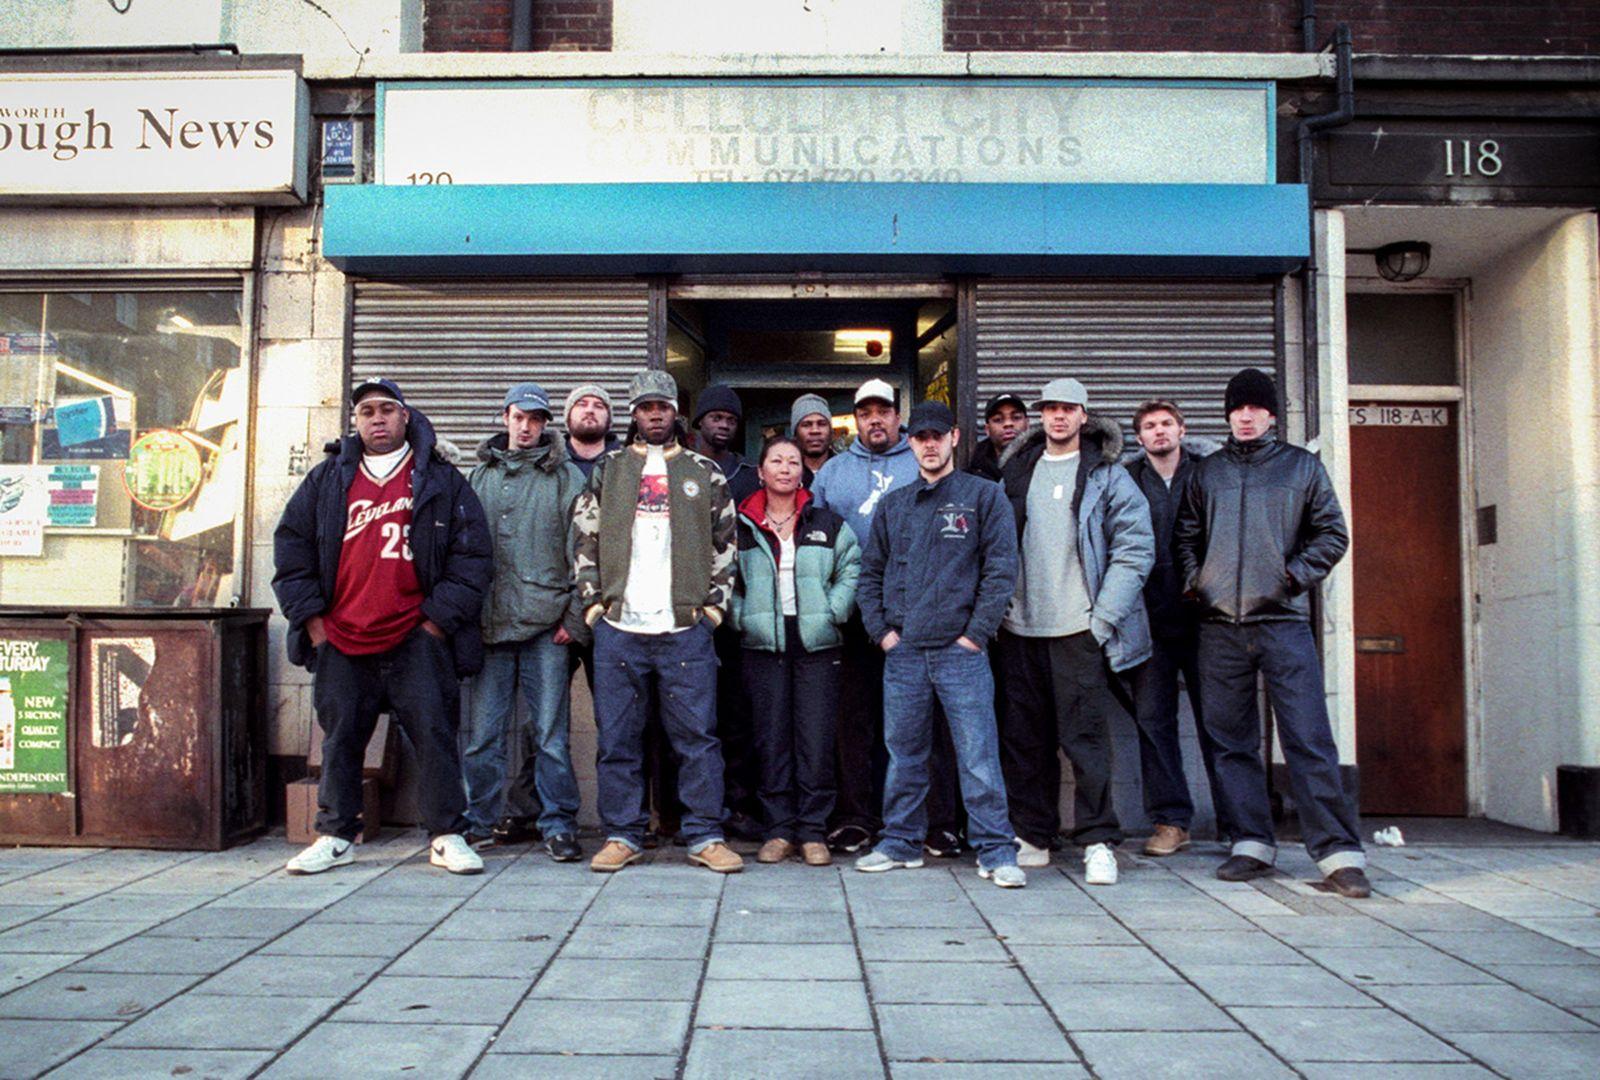 Renegade Hardware crew, South London, 1998